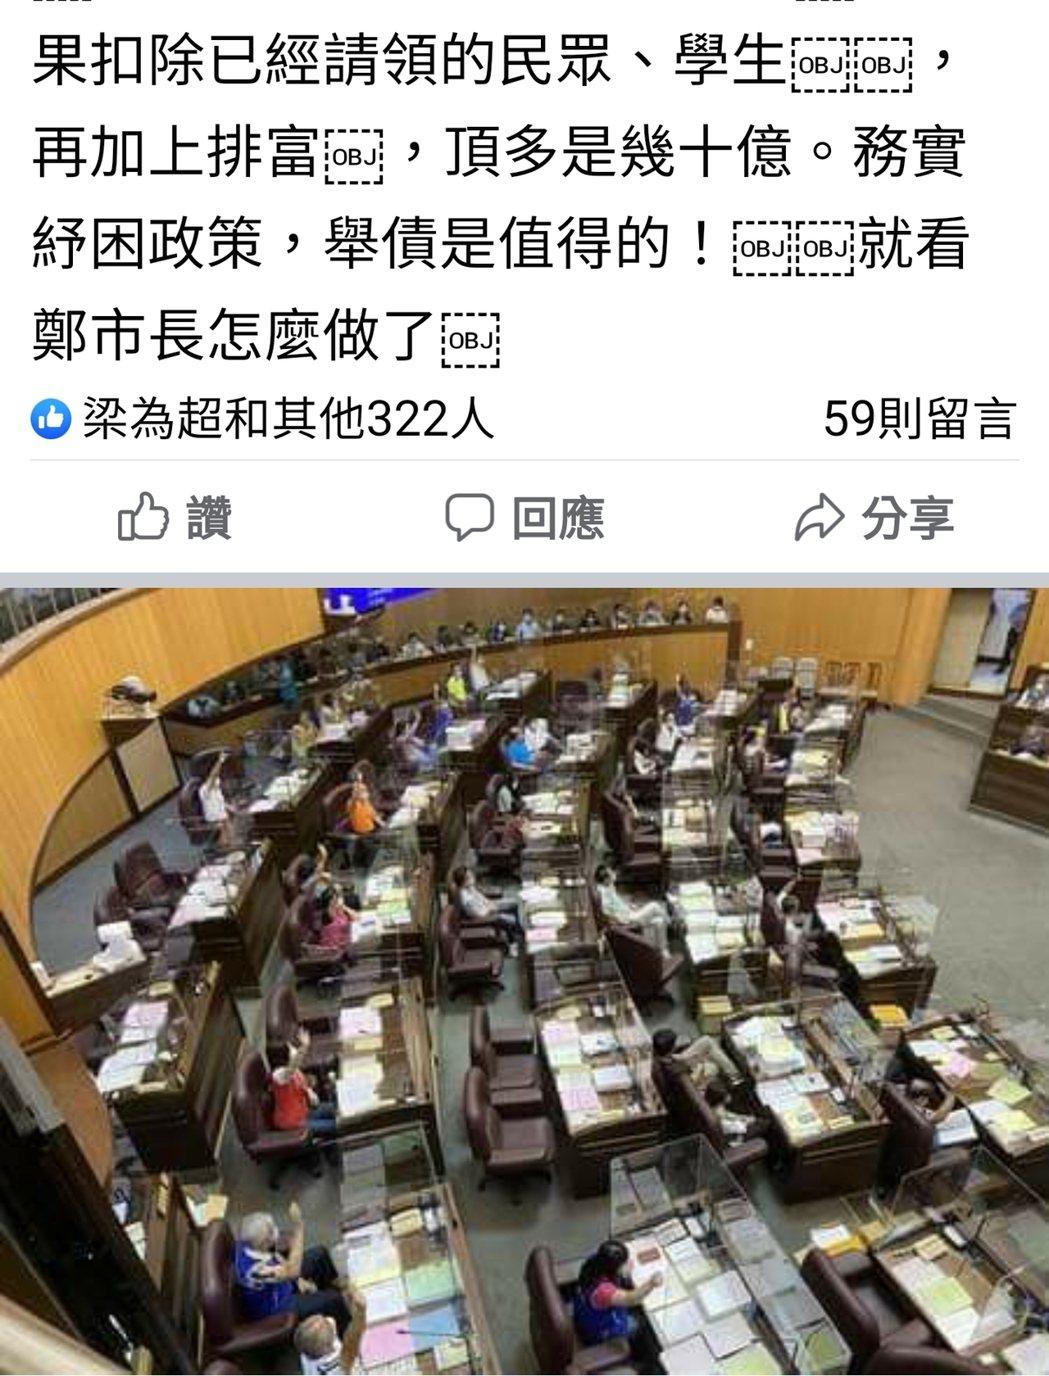 桃園市議員徐玉樹在臉書說明提案要求市政府普發5000元的緣由,還有如何籌措普發經...